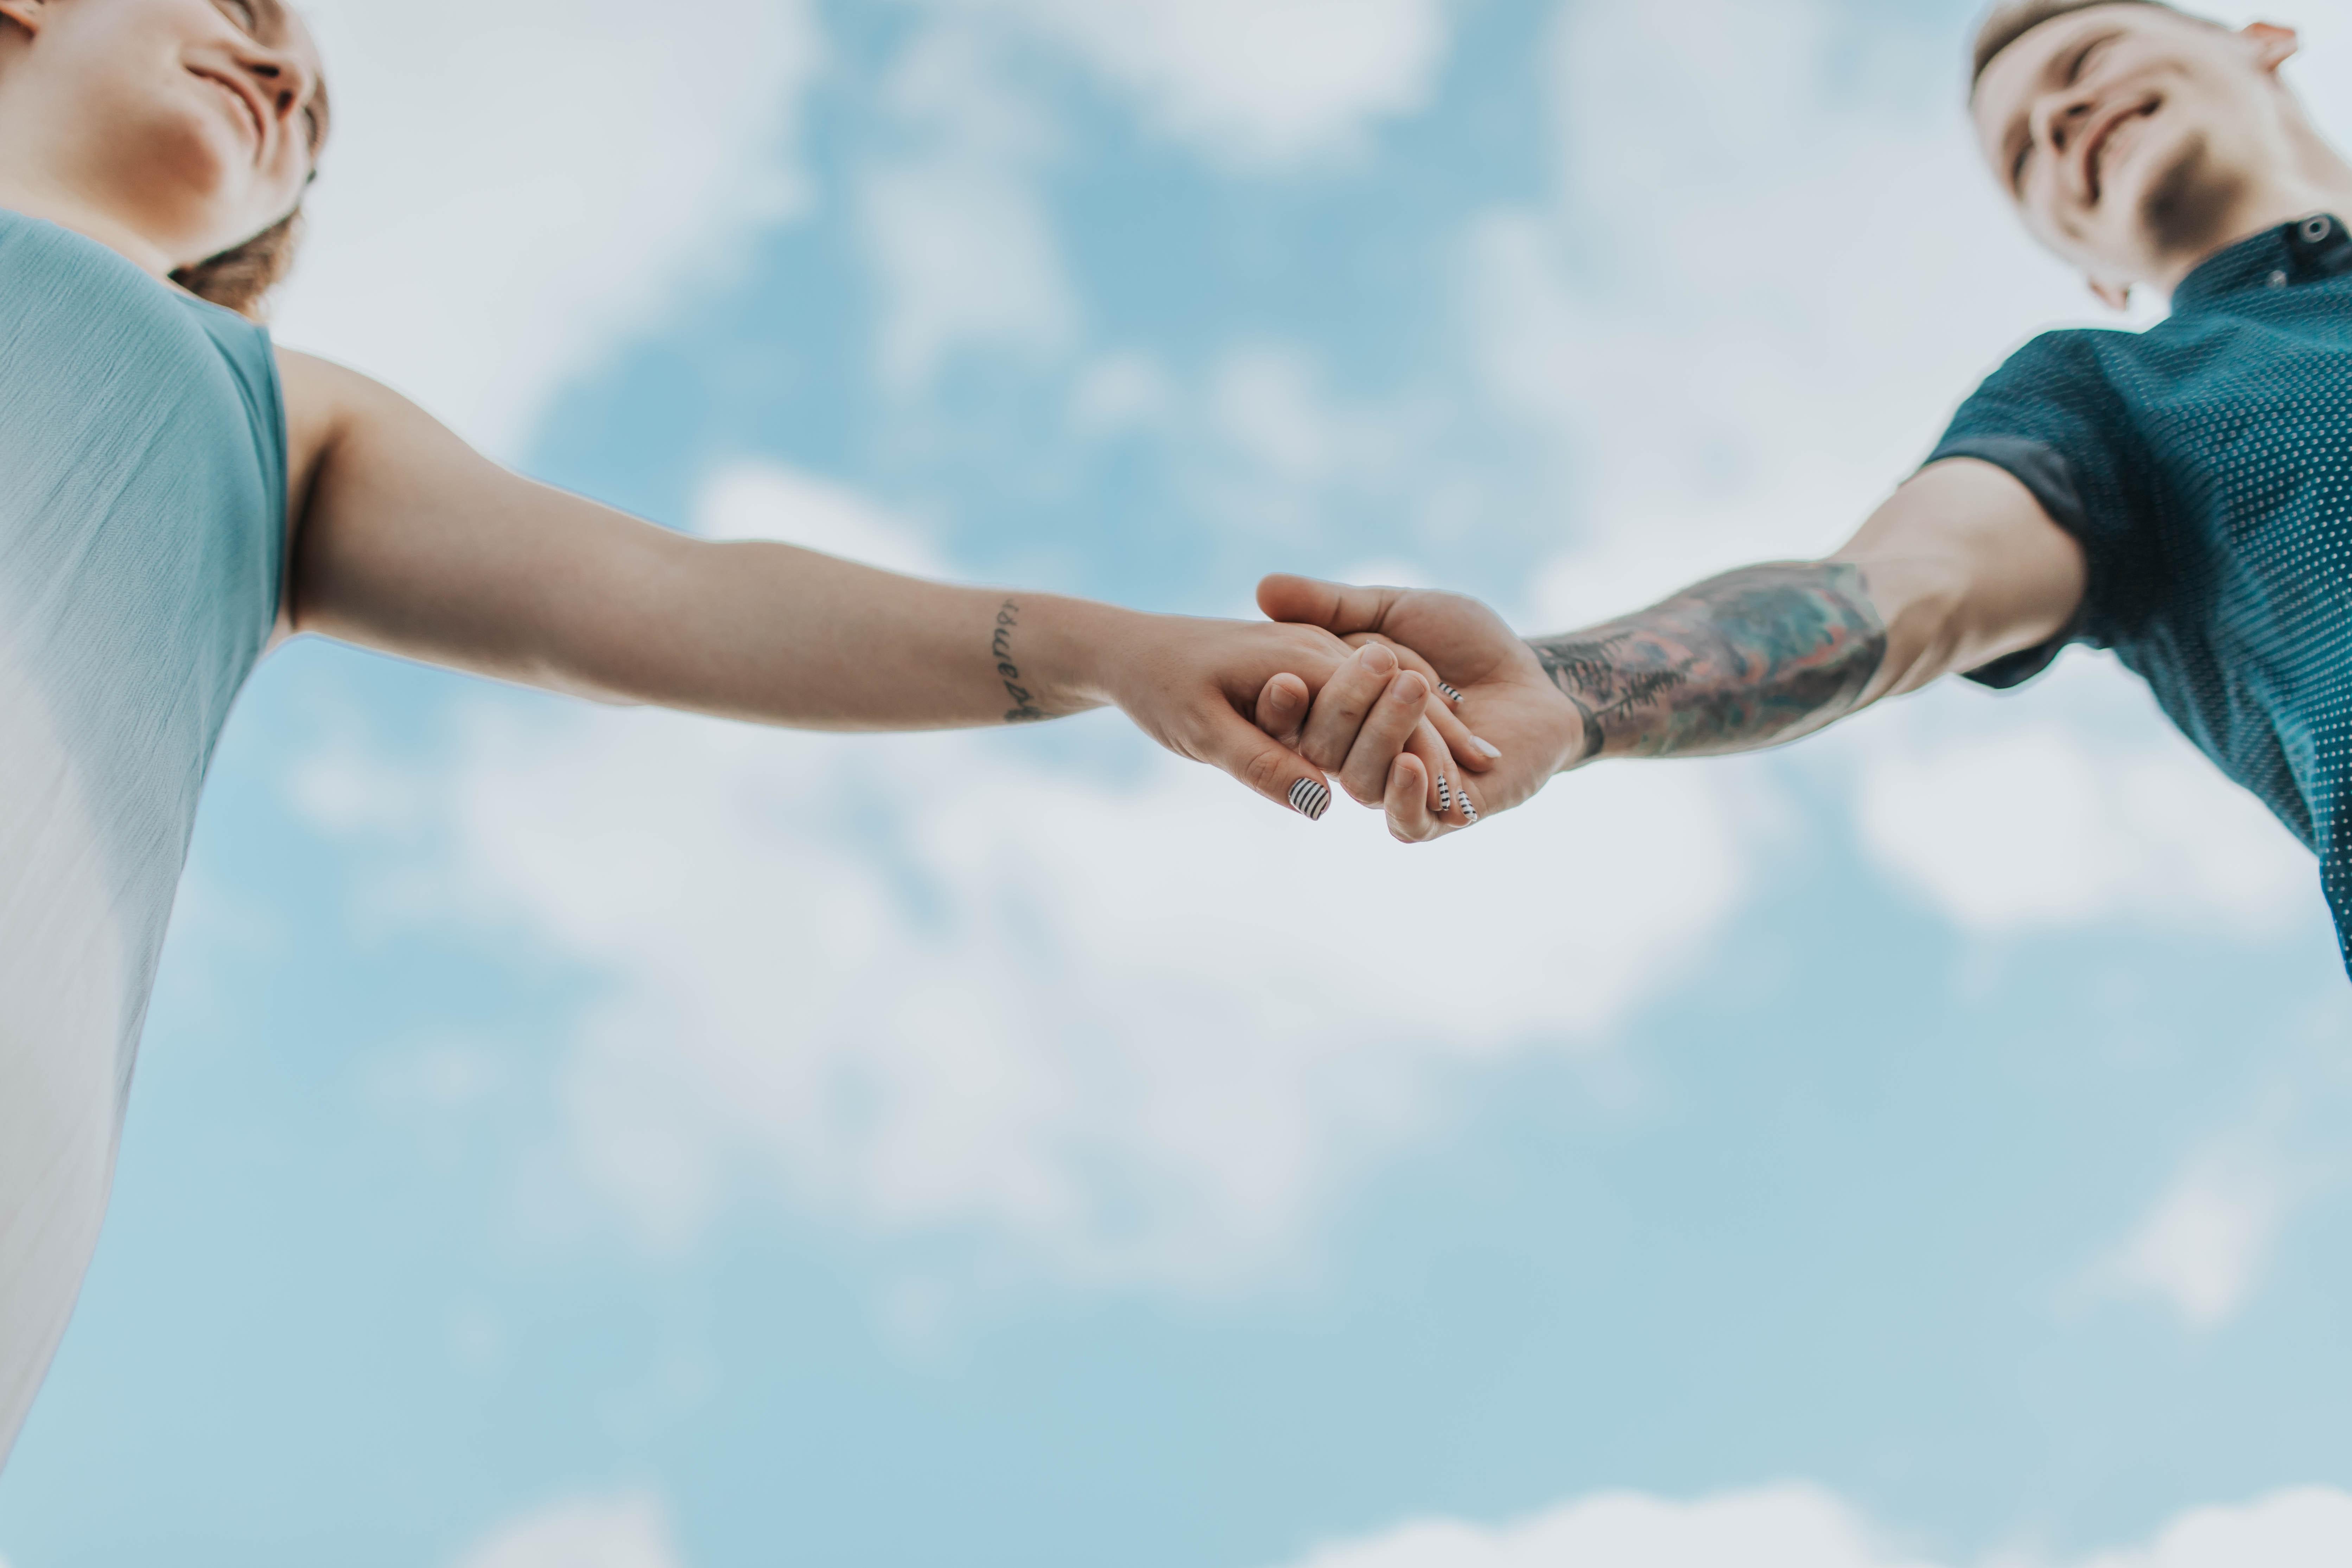 hiệu ứng cánh bướm khi yêu nắm tay giữa bầu trời